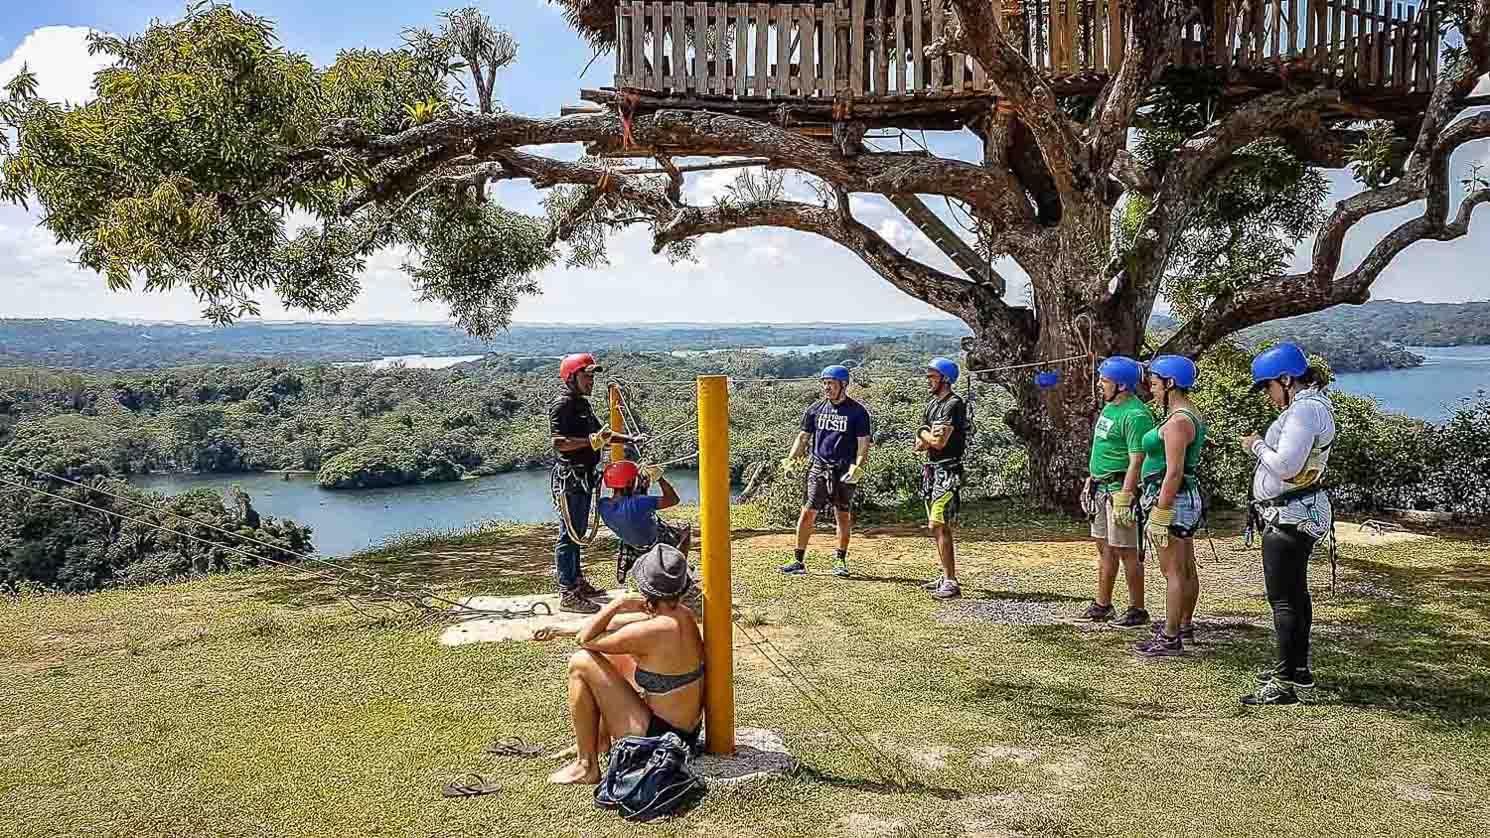 Zip-lining in Panama at Lake Gatun.